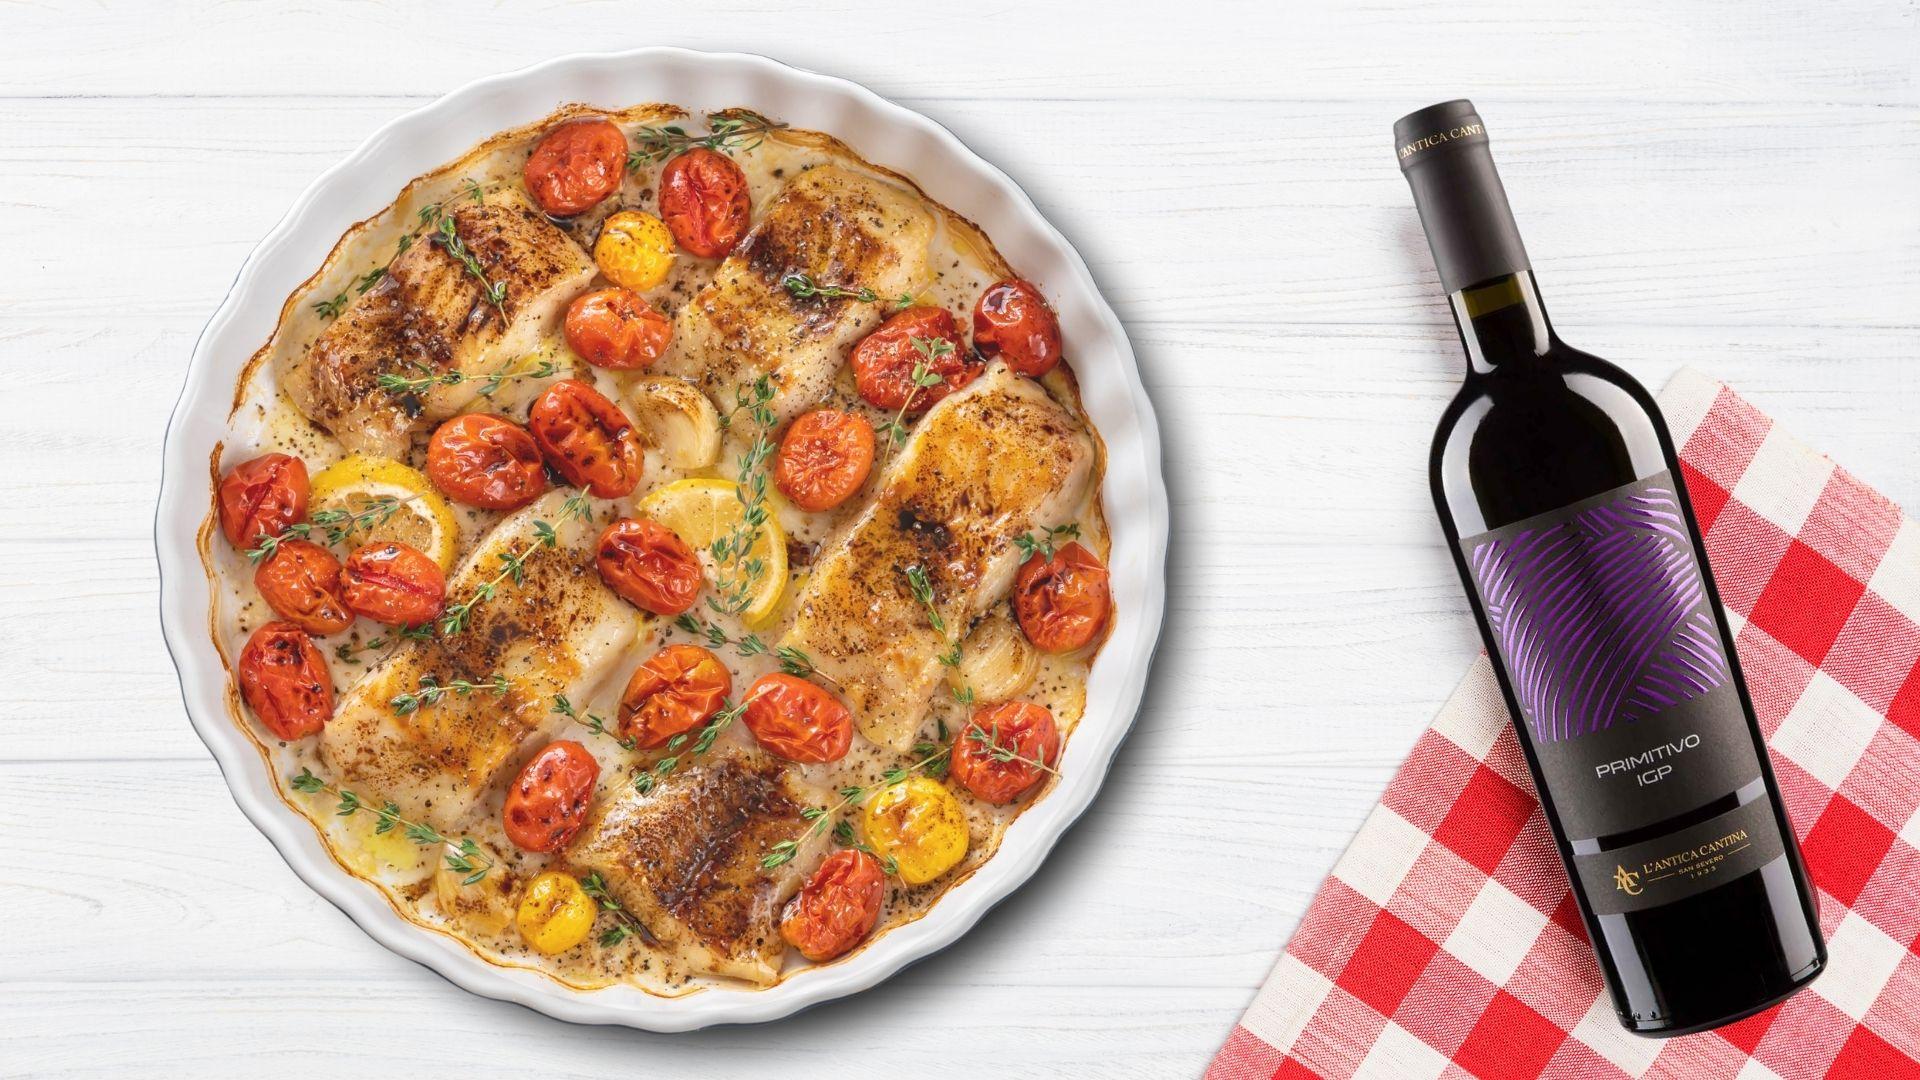 Baccalà in umido con pomodorini ed un vino di eccellenza: Nobiles Primitivo!